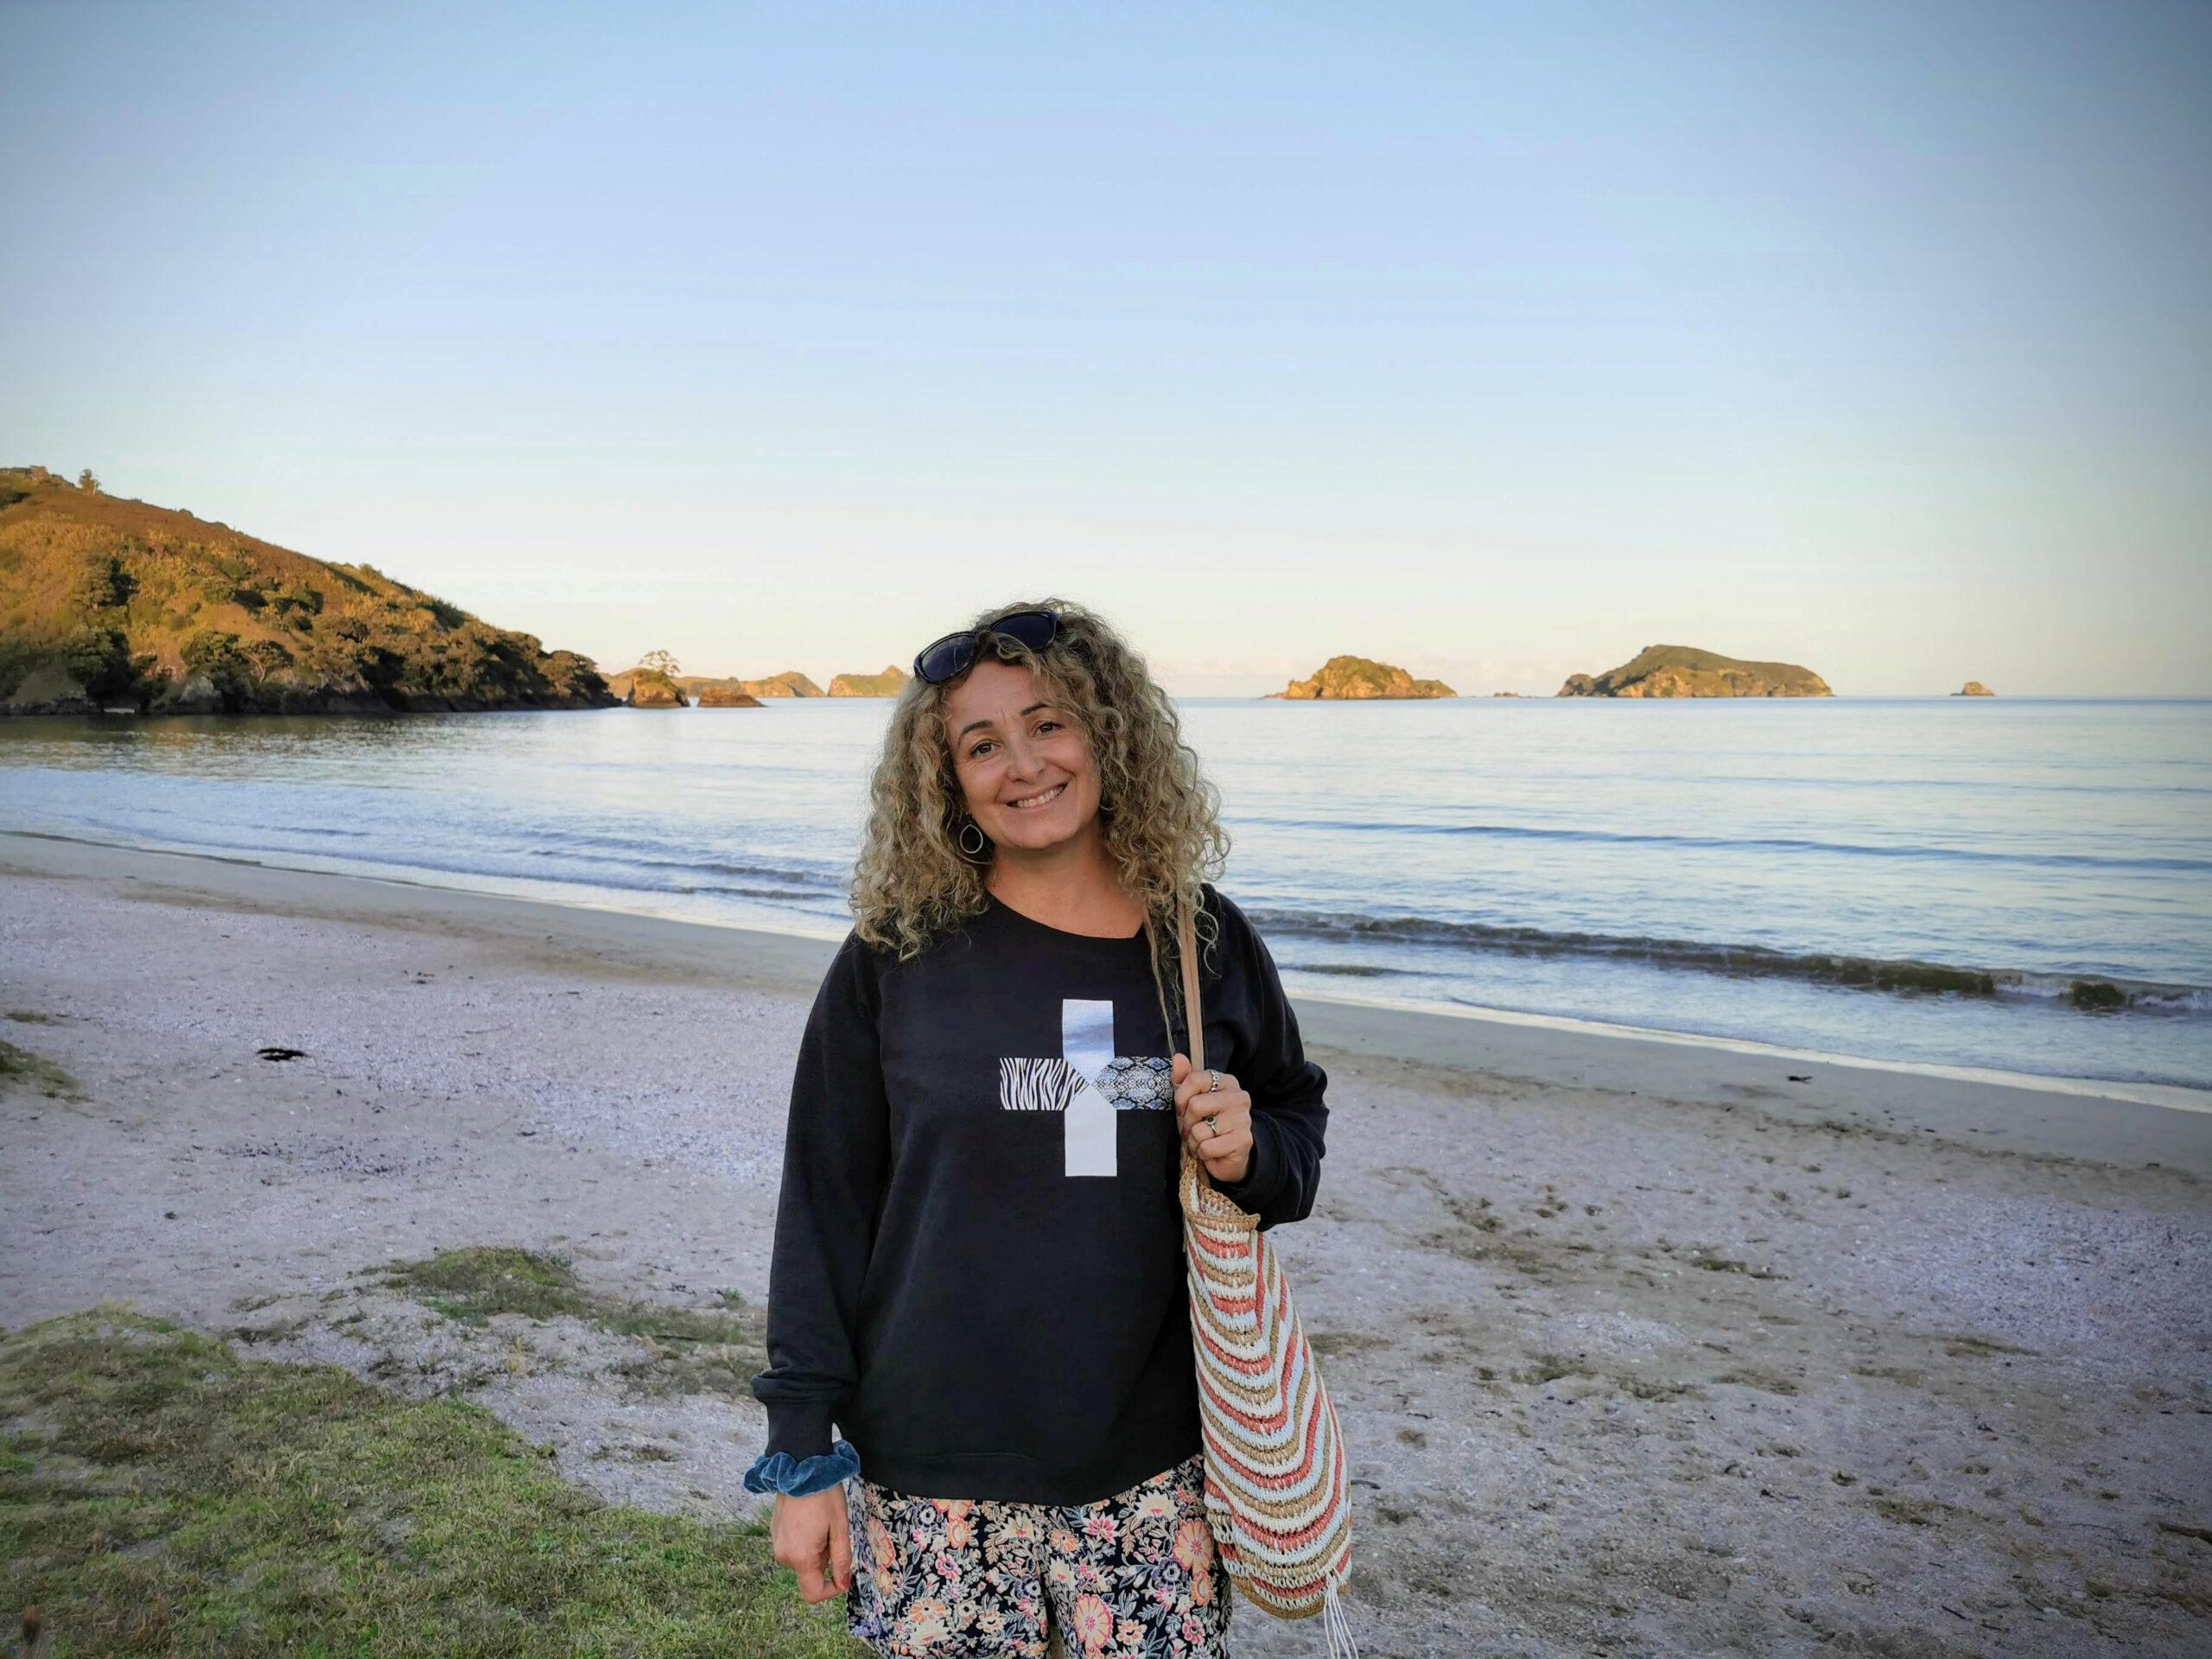 Jess Burges New Zealand Photographer